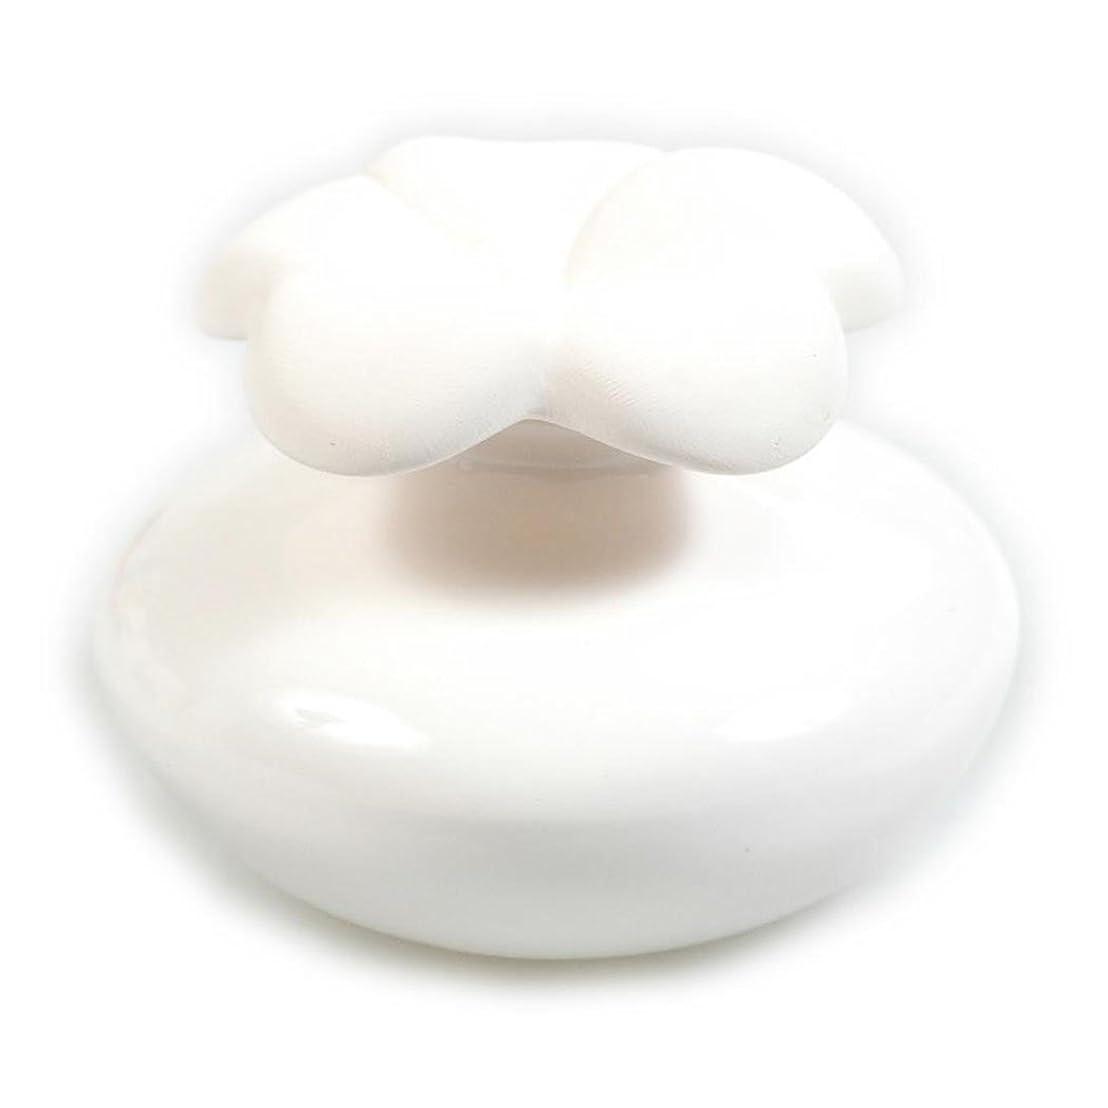 ショルダー活性化する透けて見えるMillefiori FIORE ルームフレグランス用 花の形のセラミックディフューザー Sサイズ ホワイト LDIF-FS-001